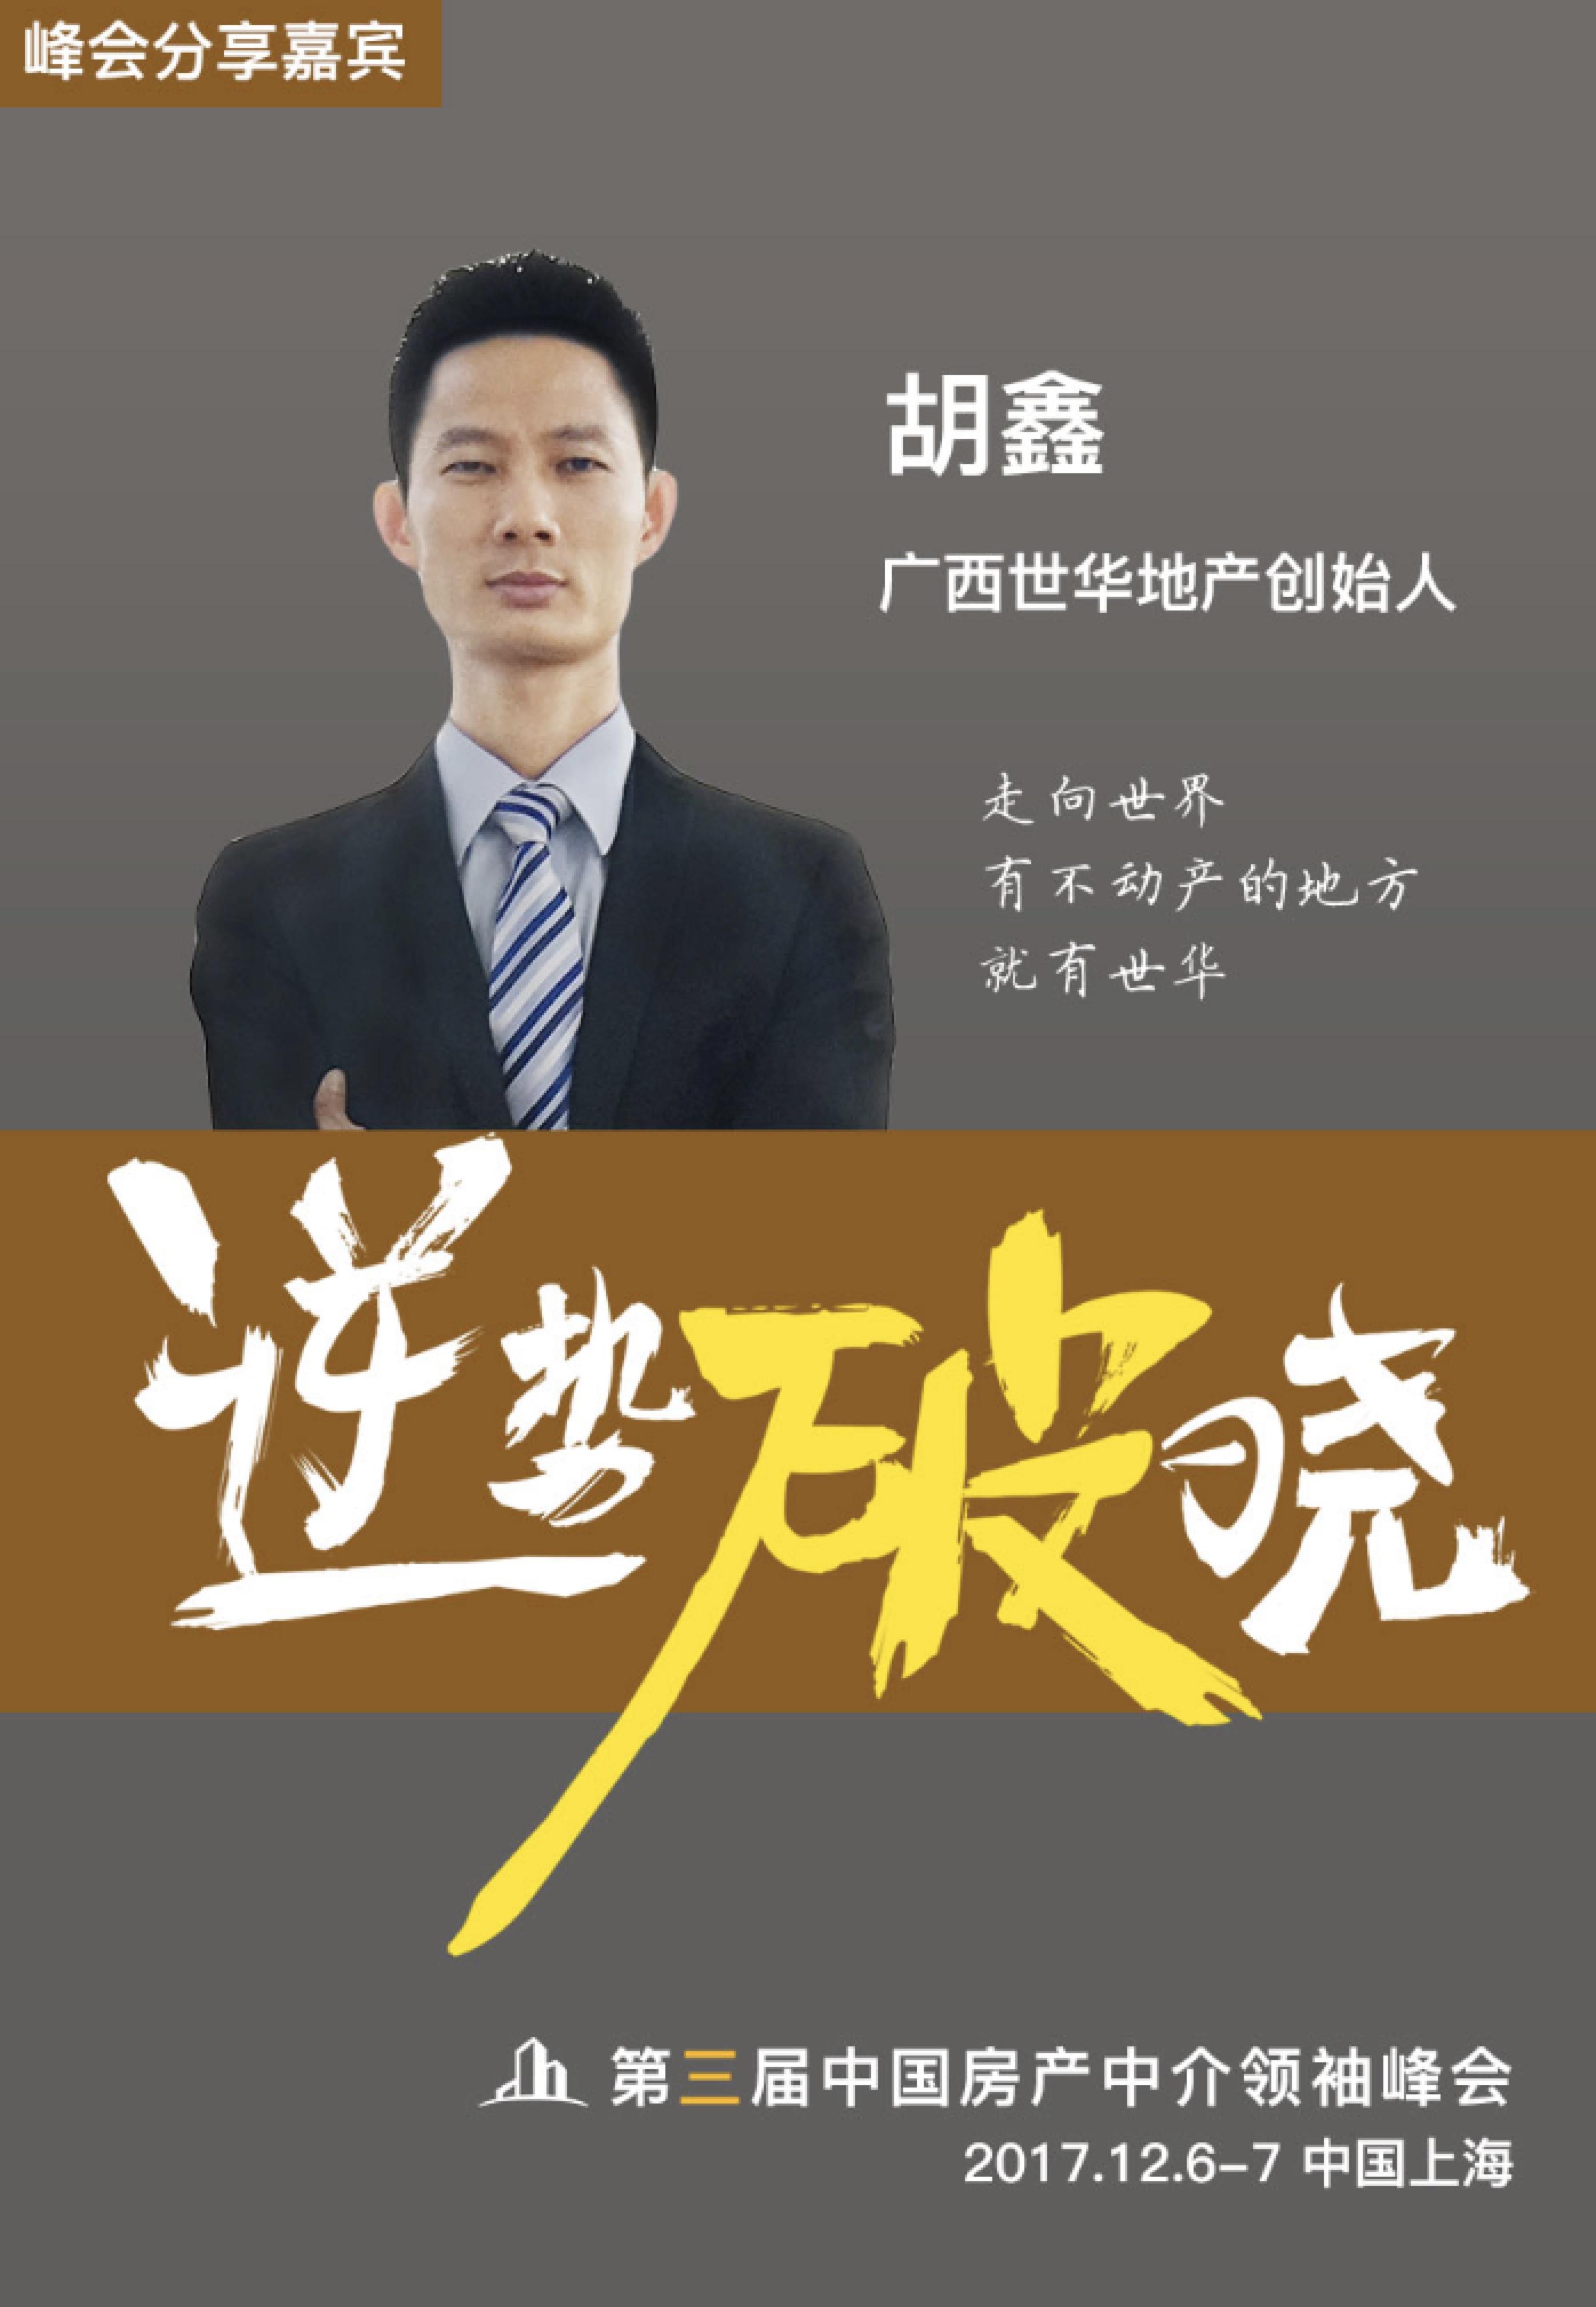 巅峰对话郎咸平| 第三届中国房产中介领袖峰会